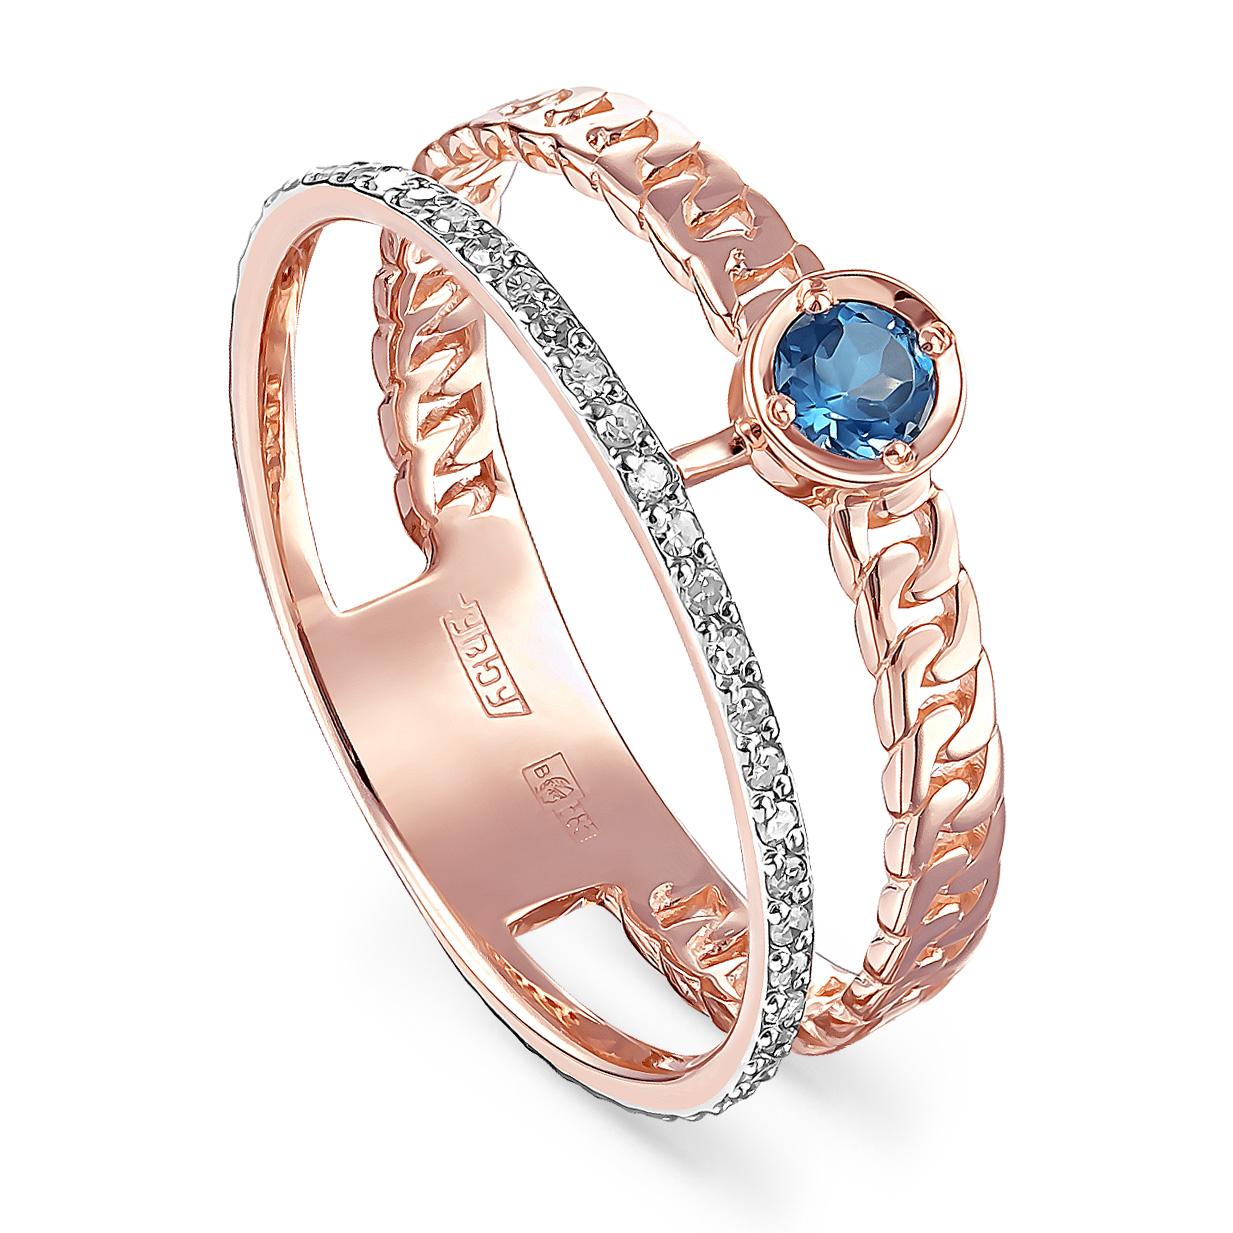 Золотое кольцо Бриллиант и Топаз арт. 1-0511-2300 1-0511-2300